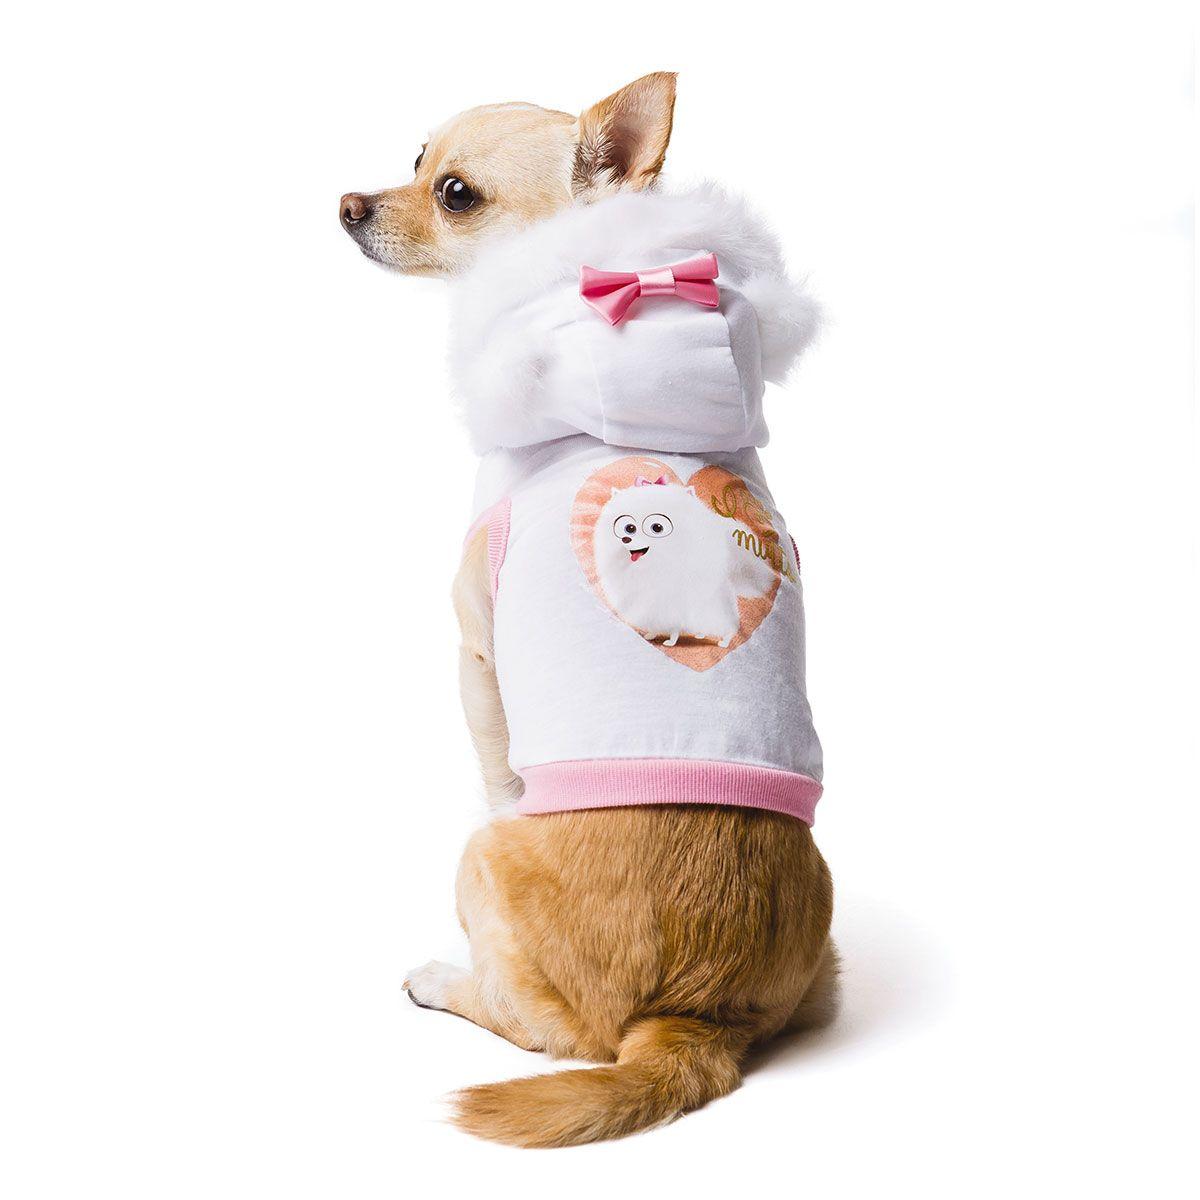 Gidget The Secret Life Of Pets Petsmart Cute Dog Clothes Cat Pet Supplies Secret Life Of Pets